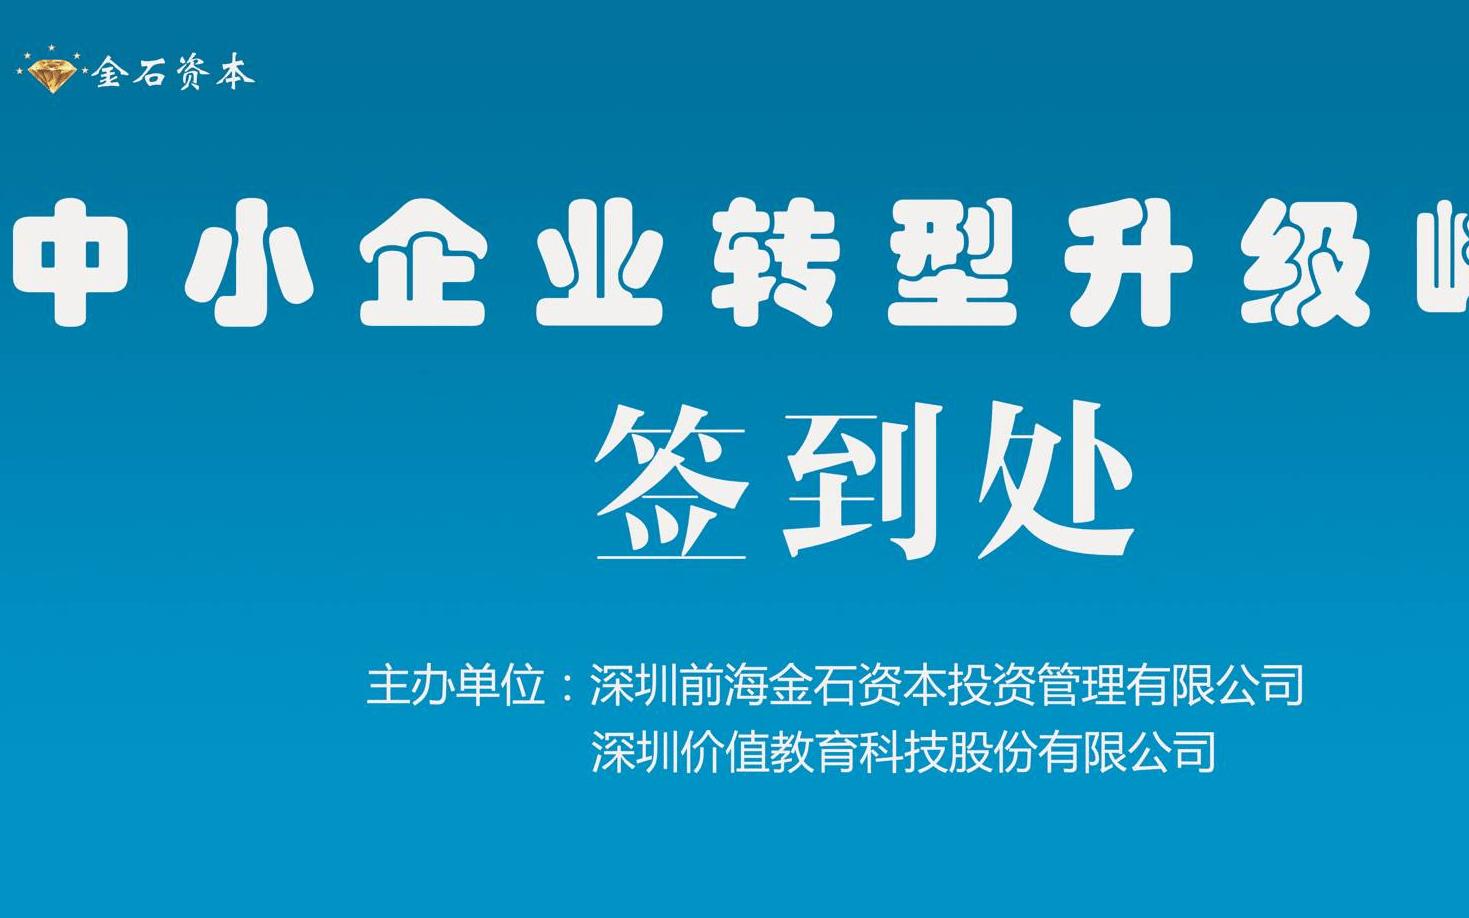 2019中国企业转型升级与投融资对接峰会(北京)